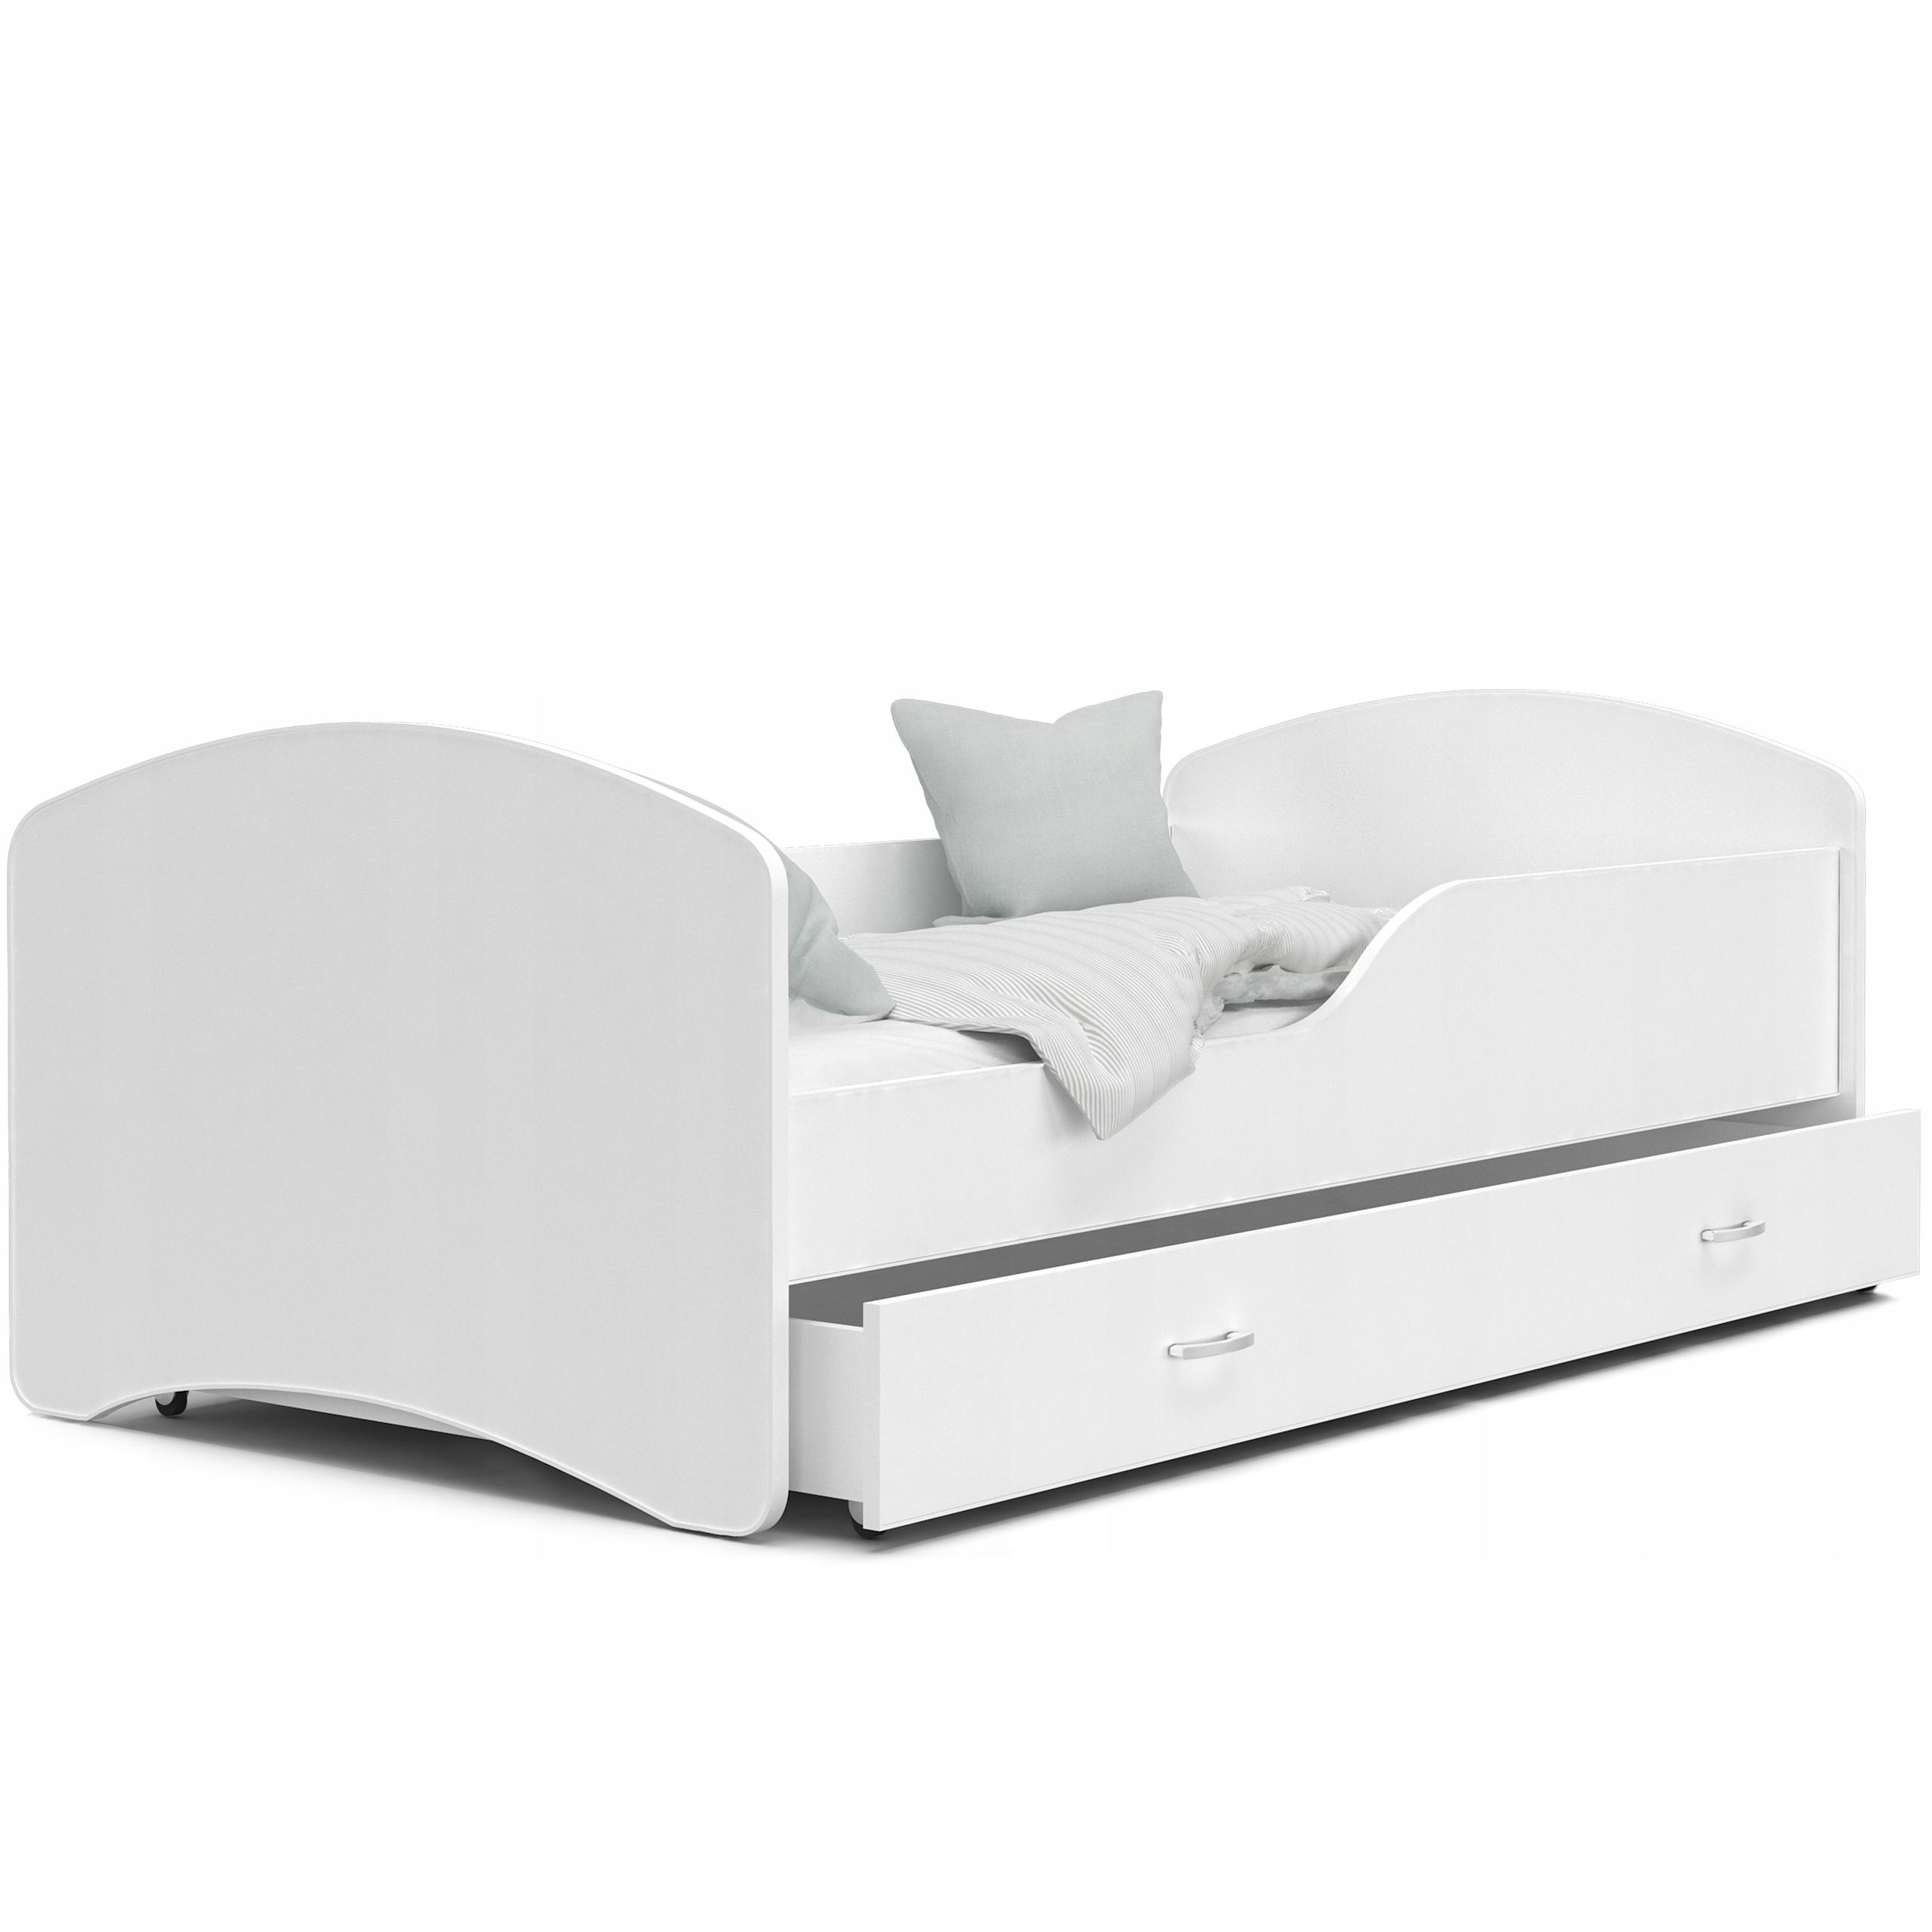 кровать ИГОРЬ белый 180x80 + ящик + МАТРАС